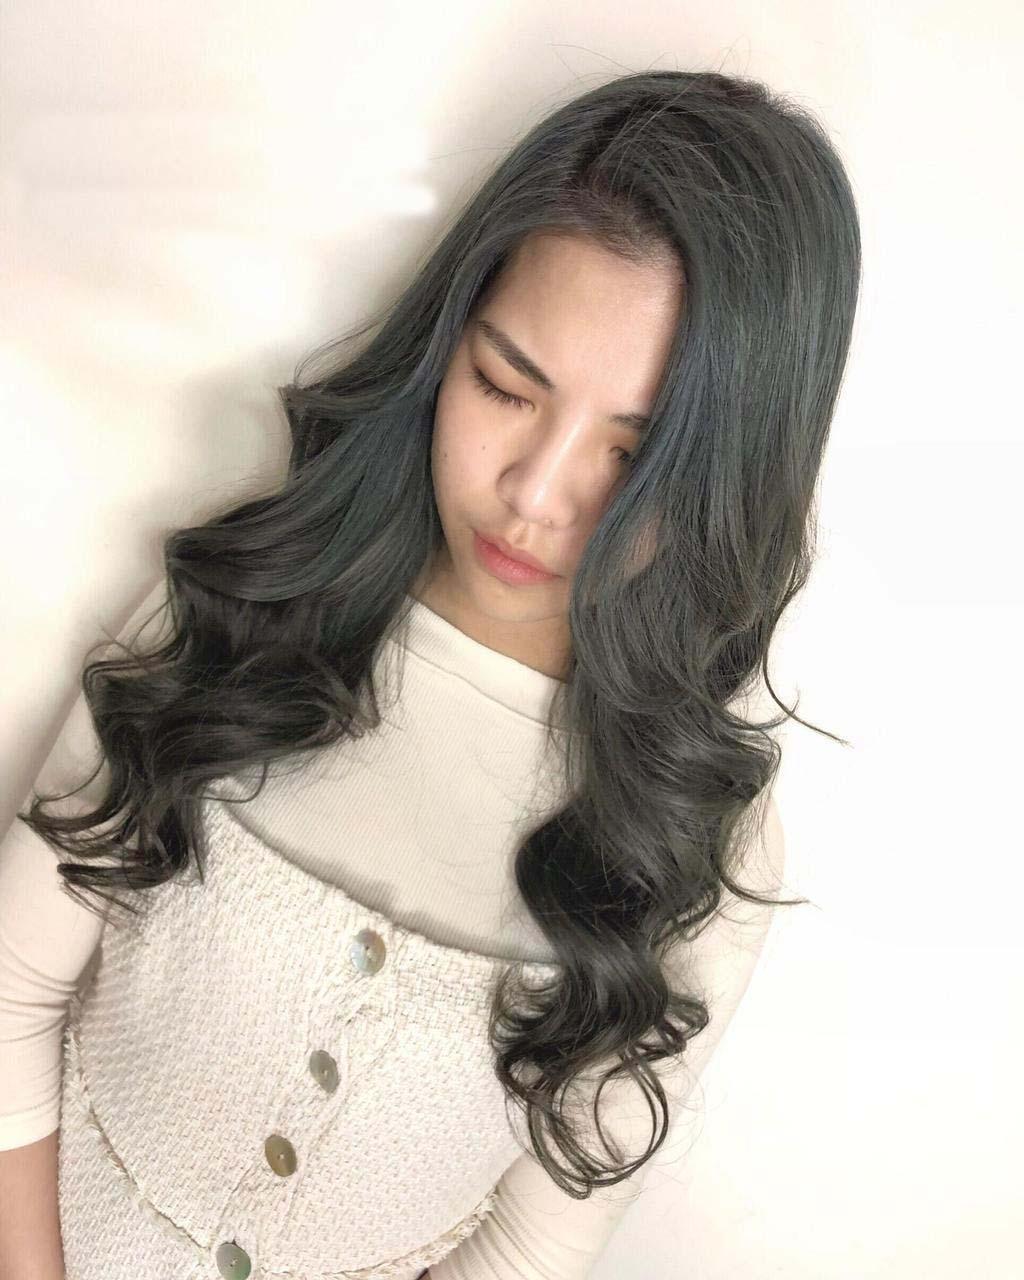 長髮女孩兒擔心黑髮太厚重的話,雪松灰綠可以減輕厚重感,提升輕盈不枯燥無趣!